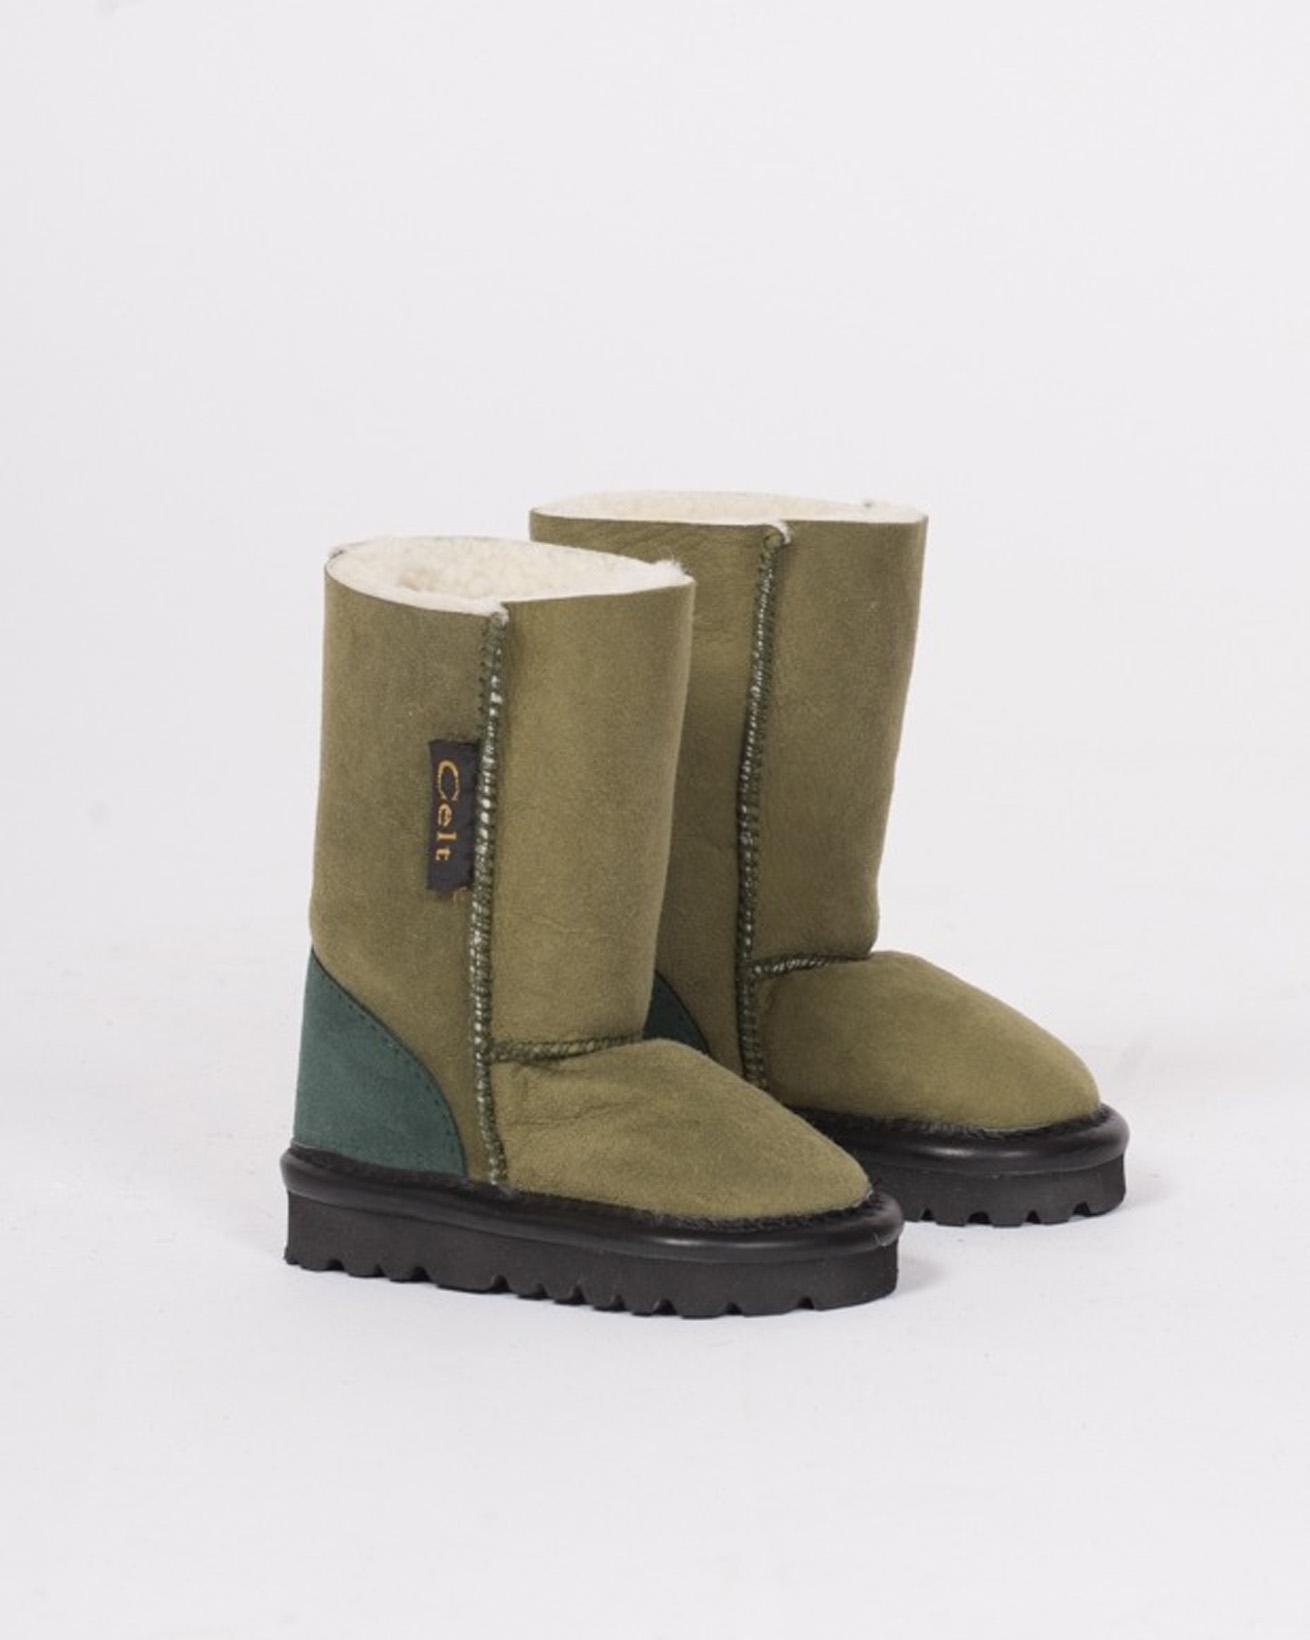 2400-kids-celt-boots-moss-cutout-1.jpg